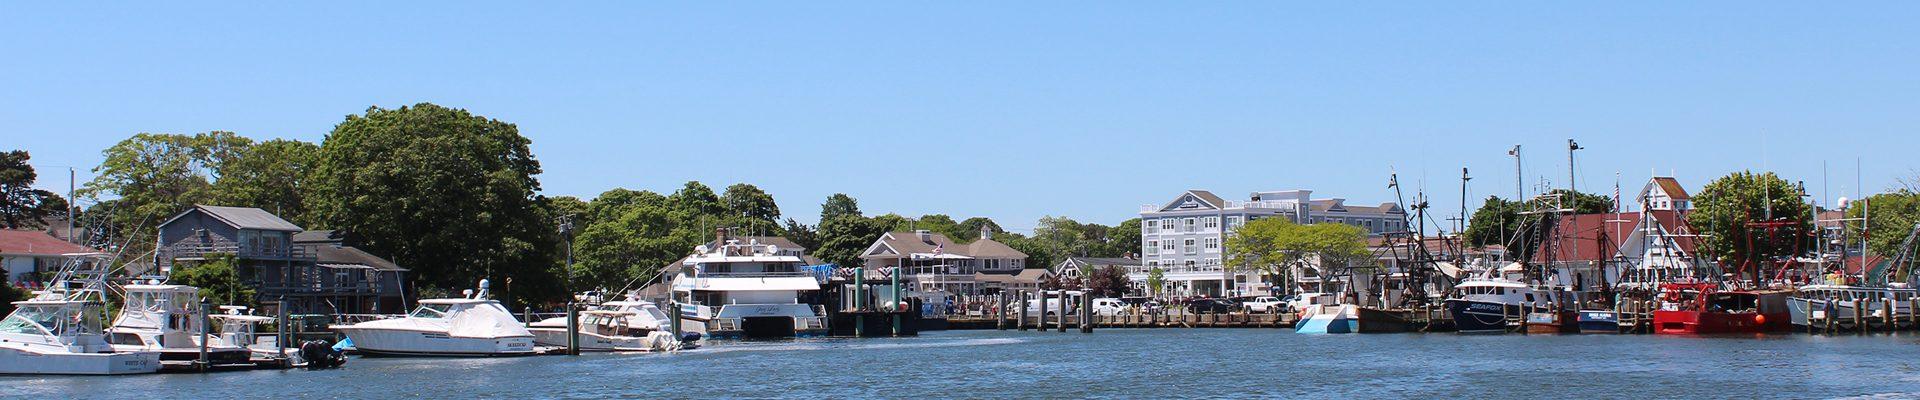 Ocean Street Dock Hyannis